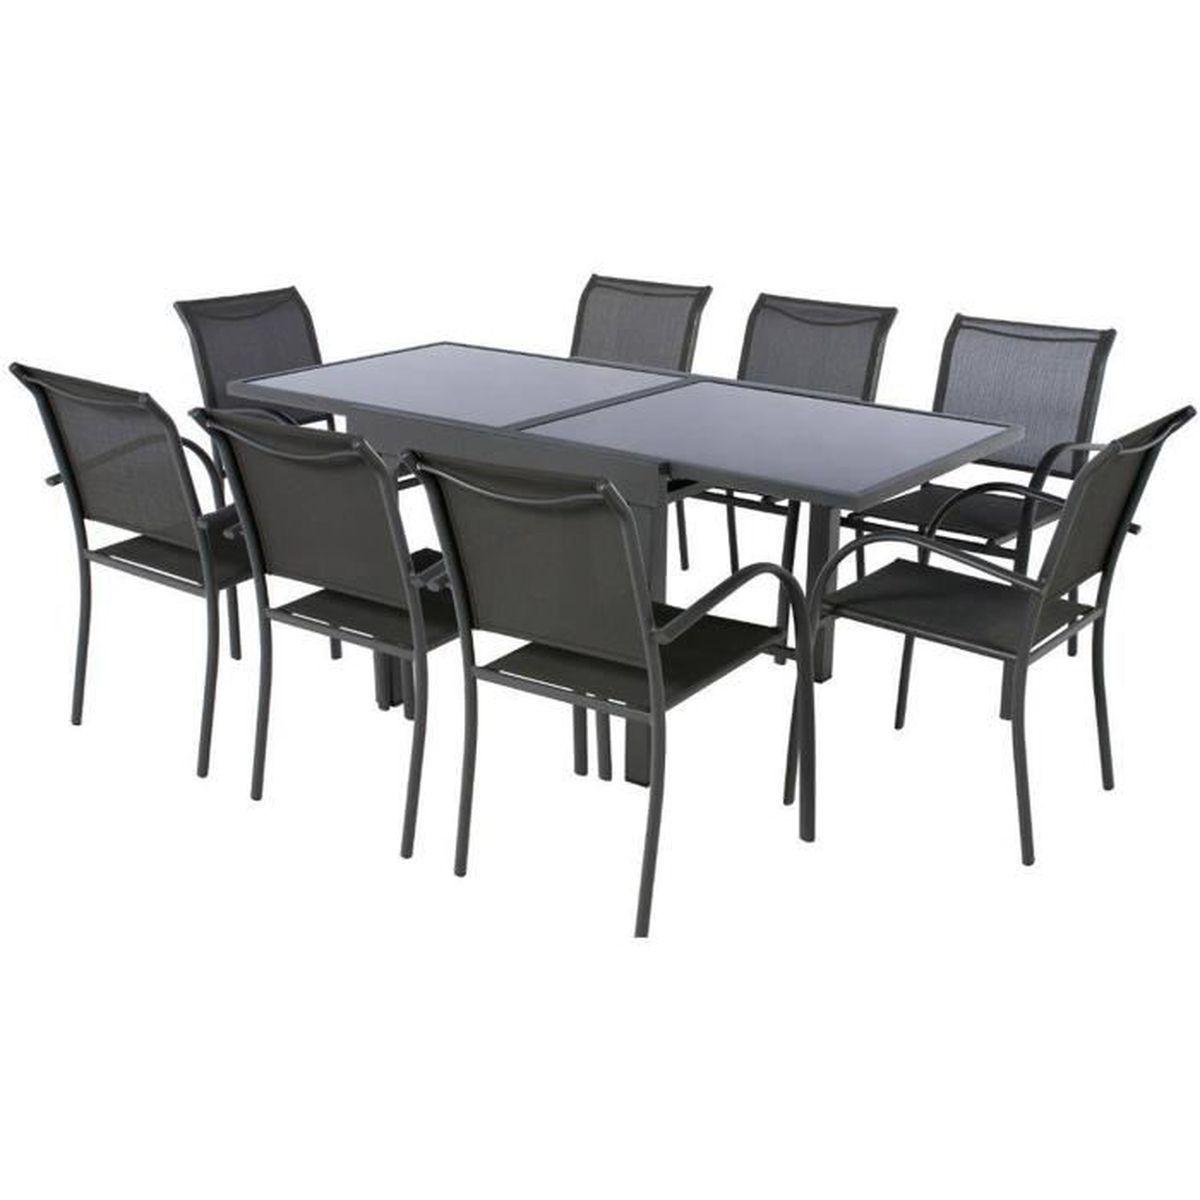 TABLE À MANGER SEULE Table rectangulaire extensible en Aluminium colori